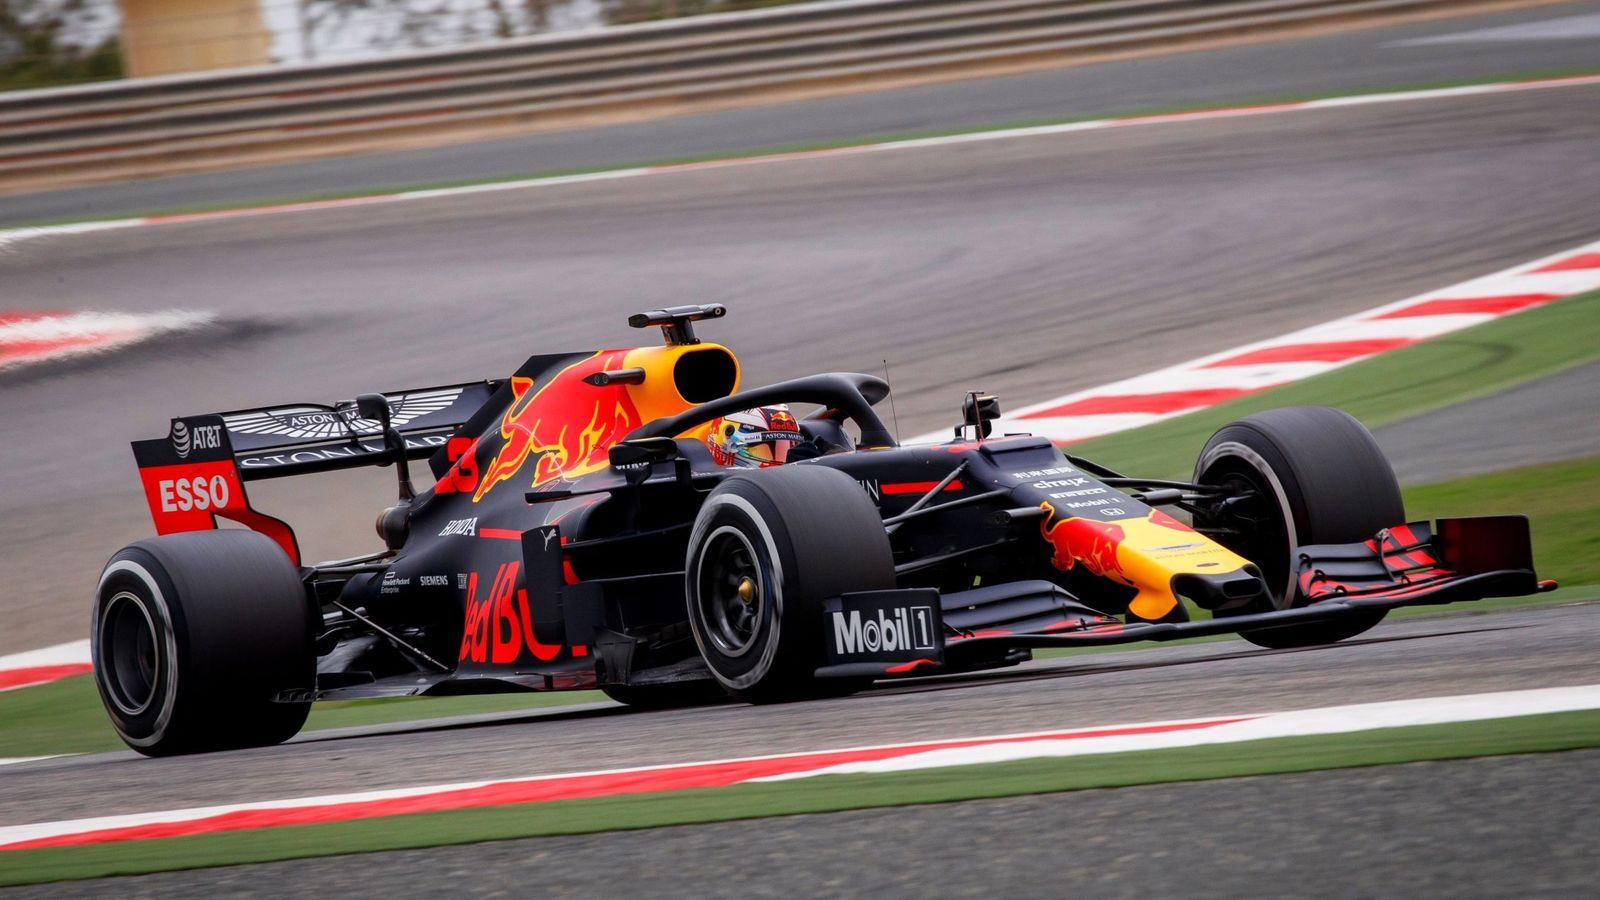 Foto: Verstappen en los test posteriores al GP de Bahréin. (EFE)